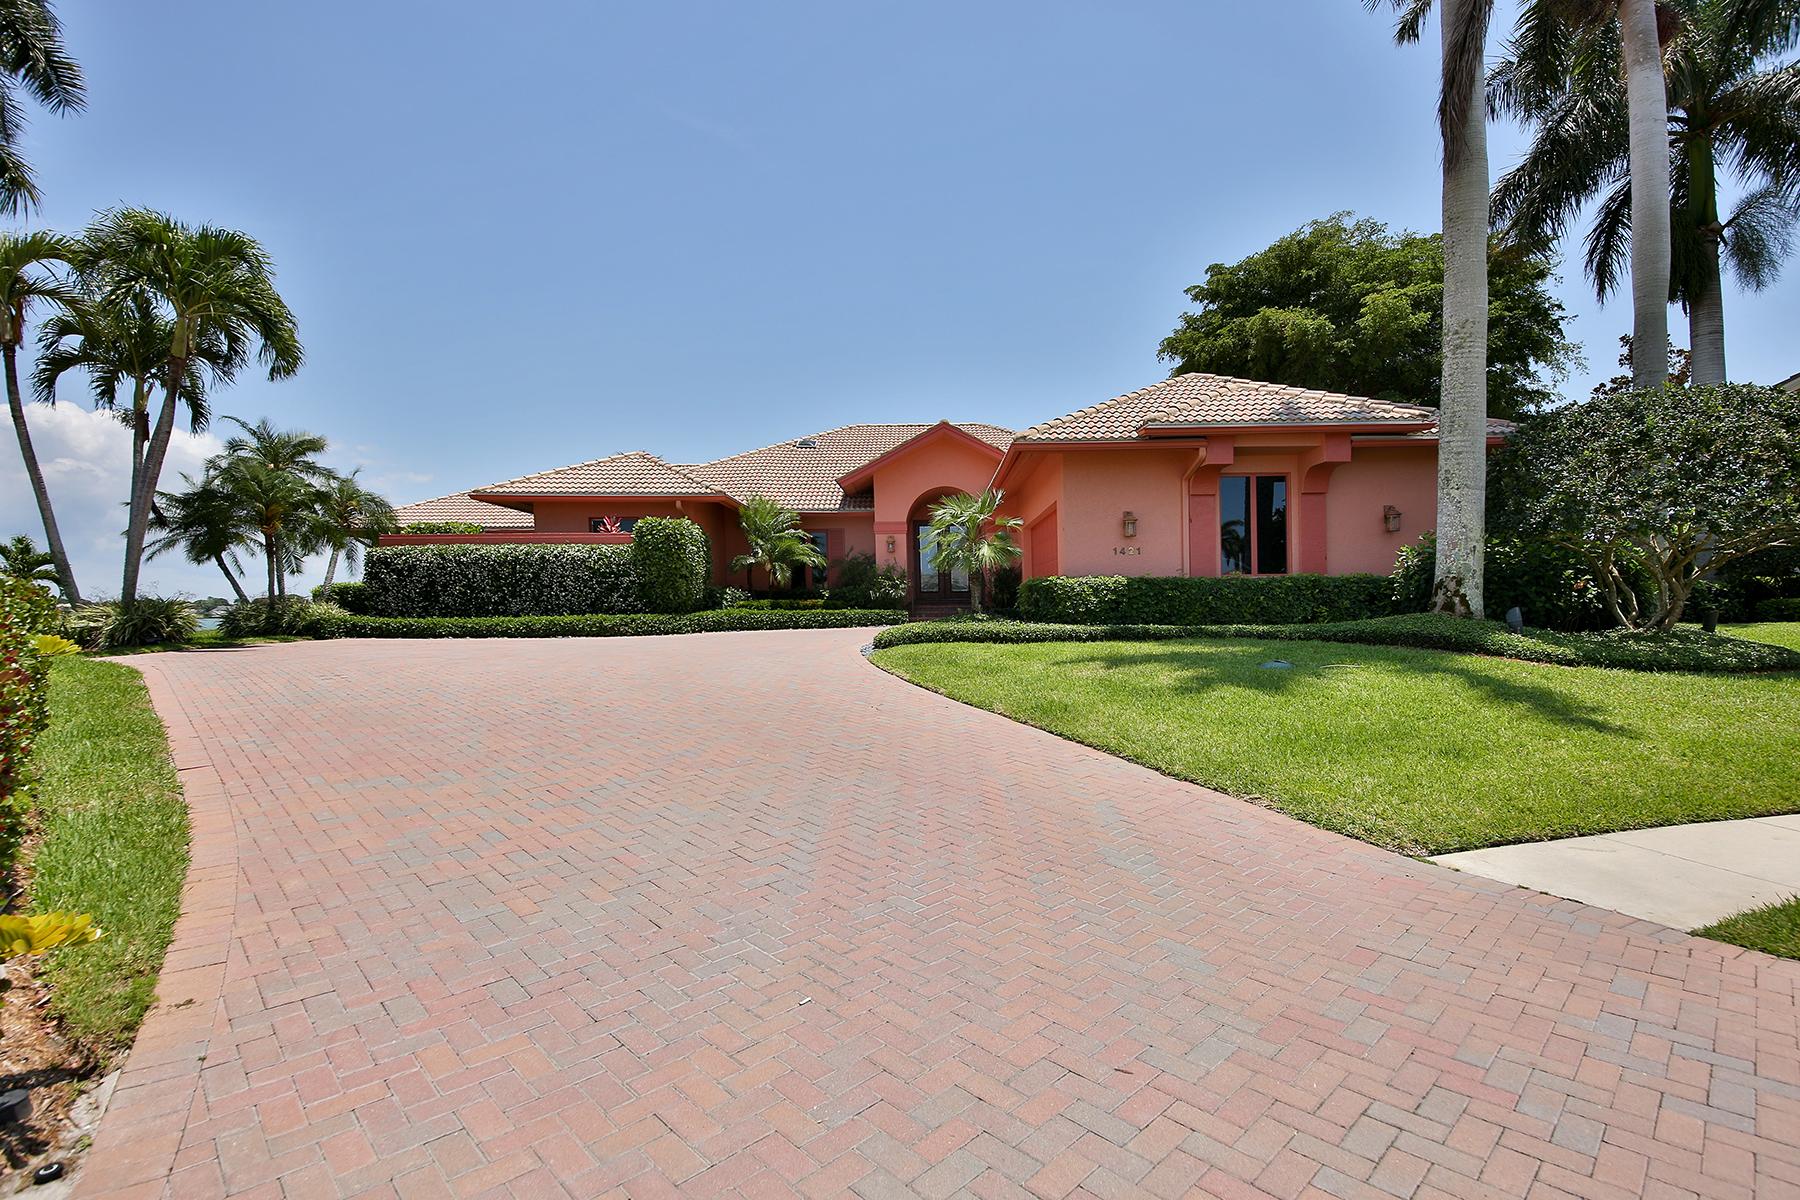 Tek Ailelik Ev için Satış at MARCO ISLAND 1421 Forrest Ct Marco Island, Florida, 34145 Amerika Birleşik Devletleri